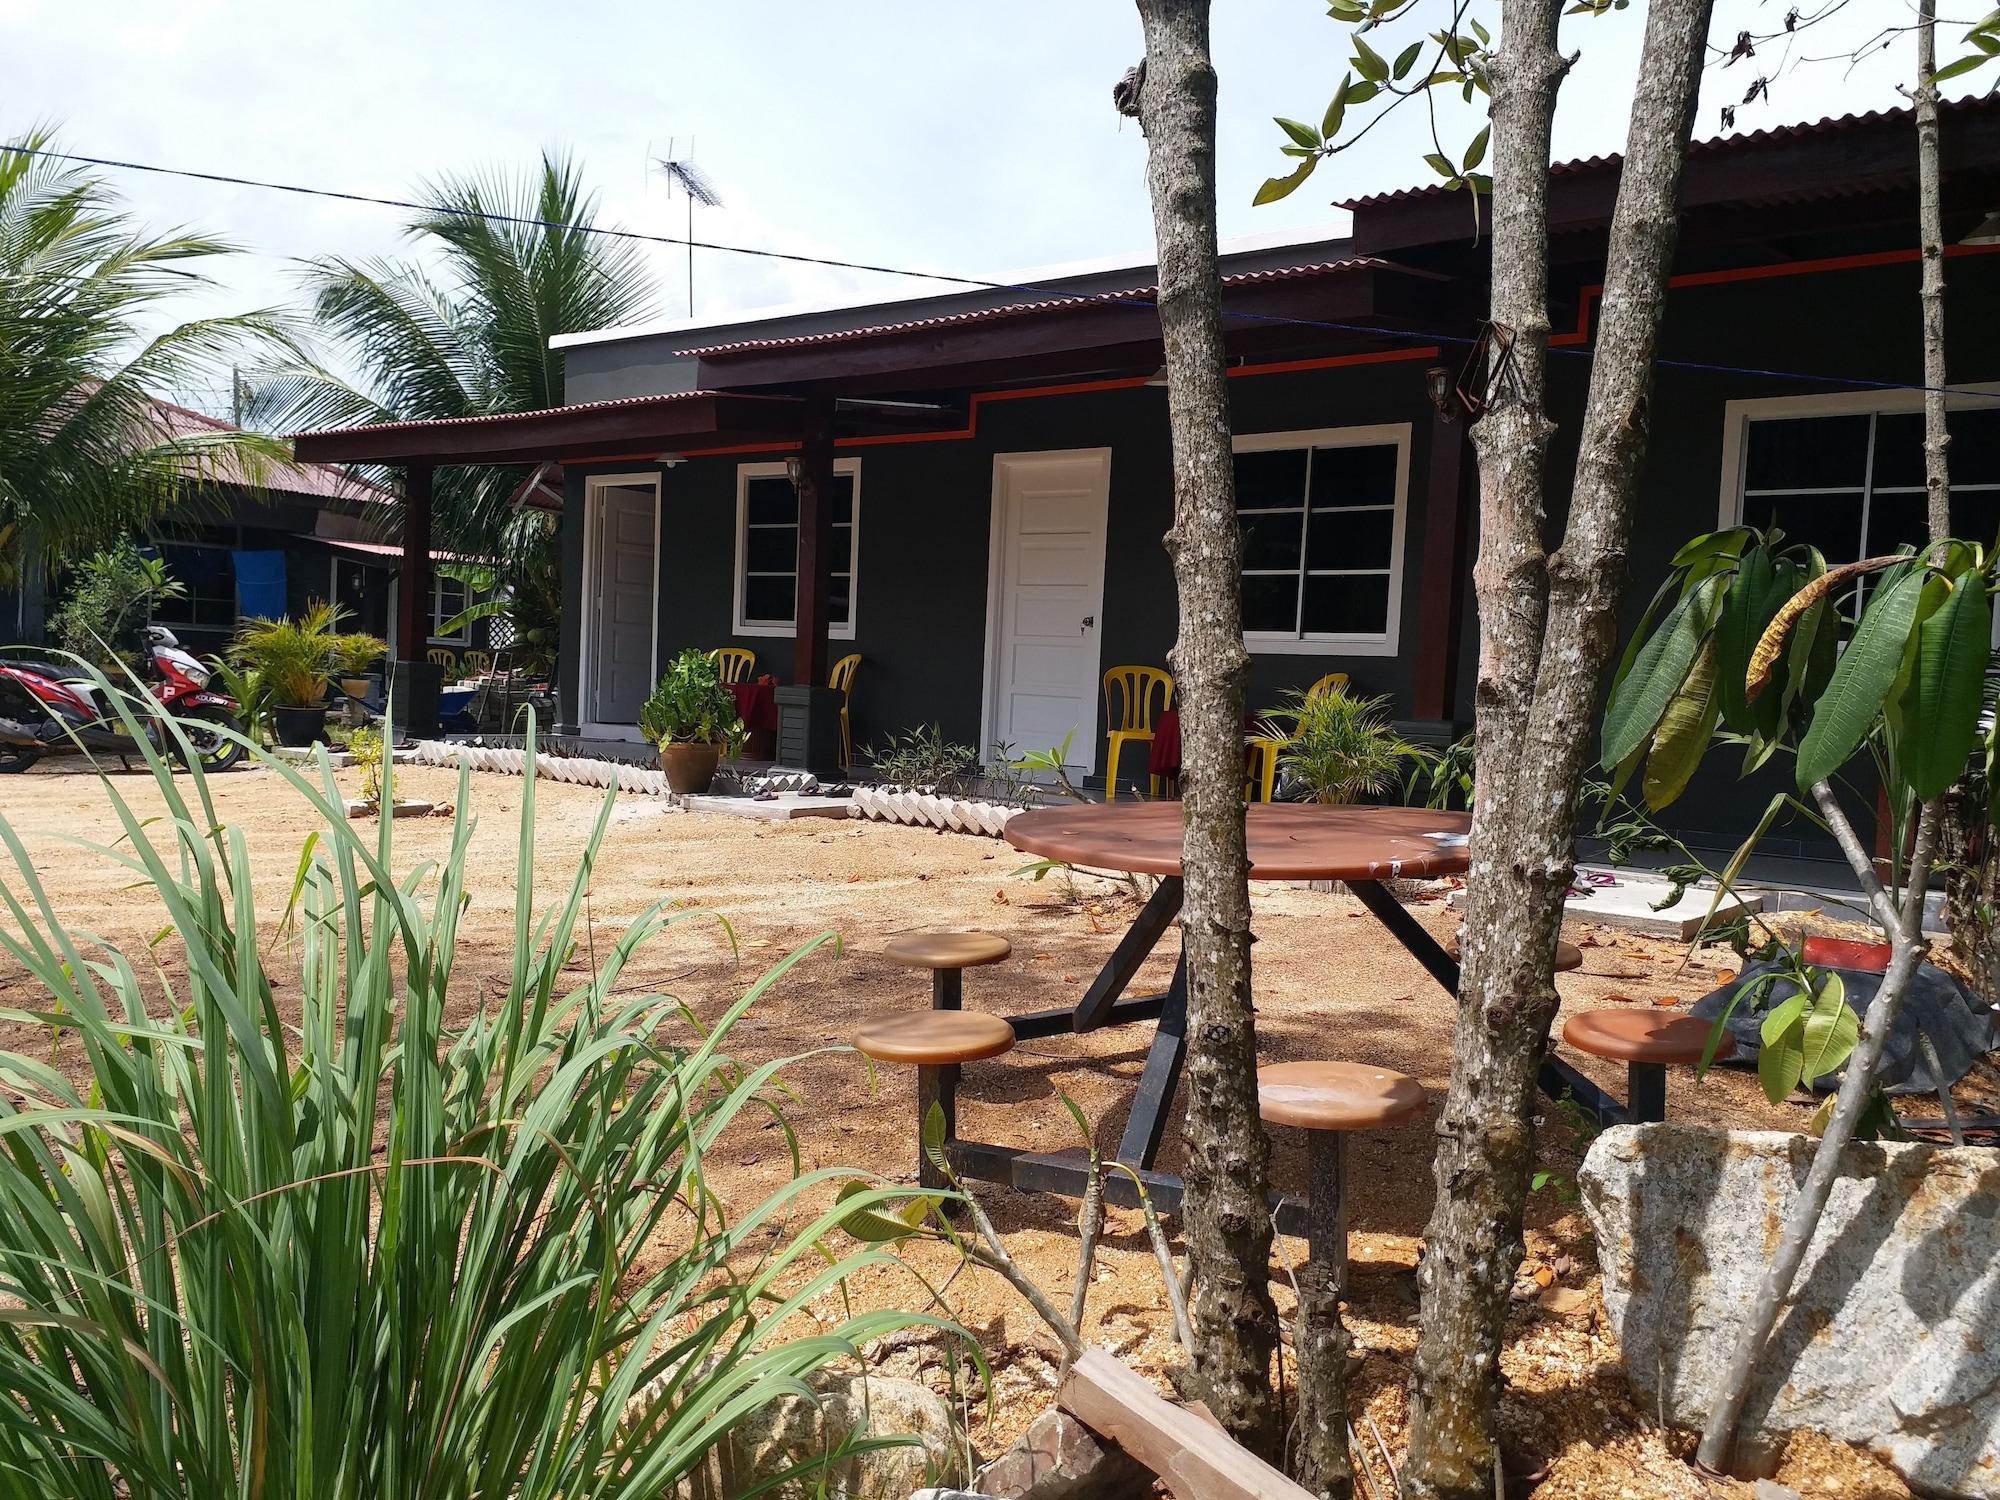 Idaman Guesthouse, Langkawi